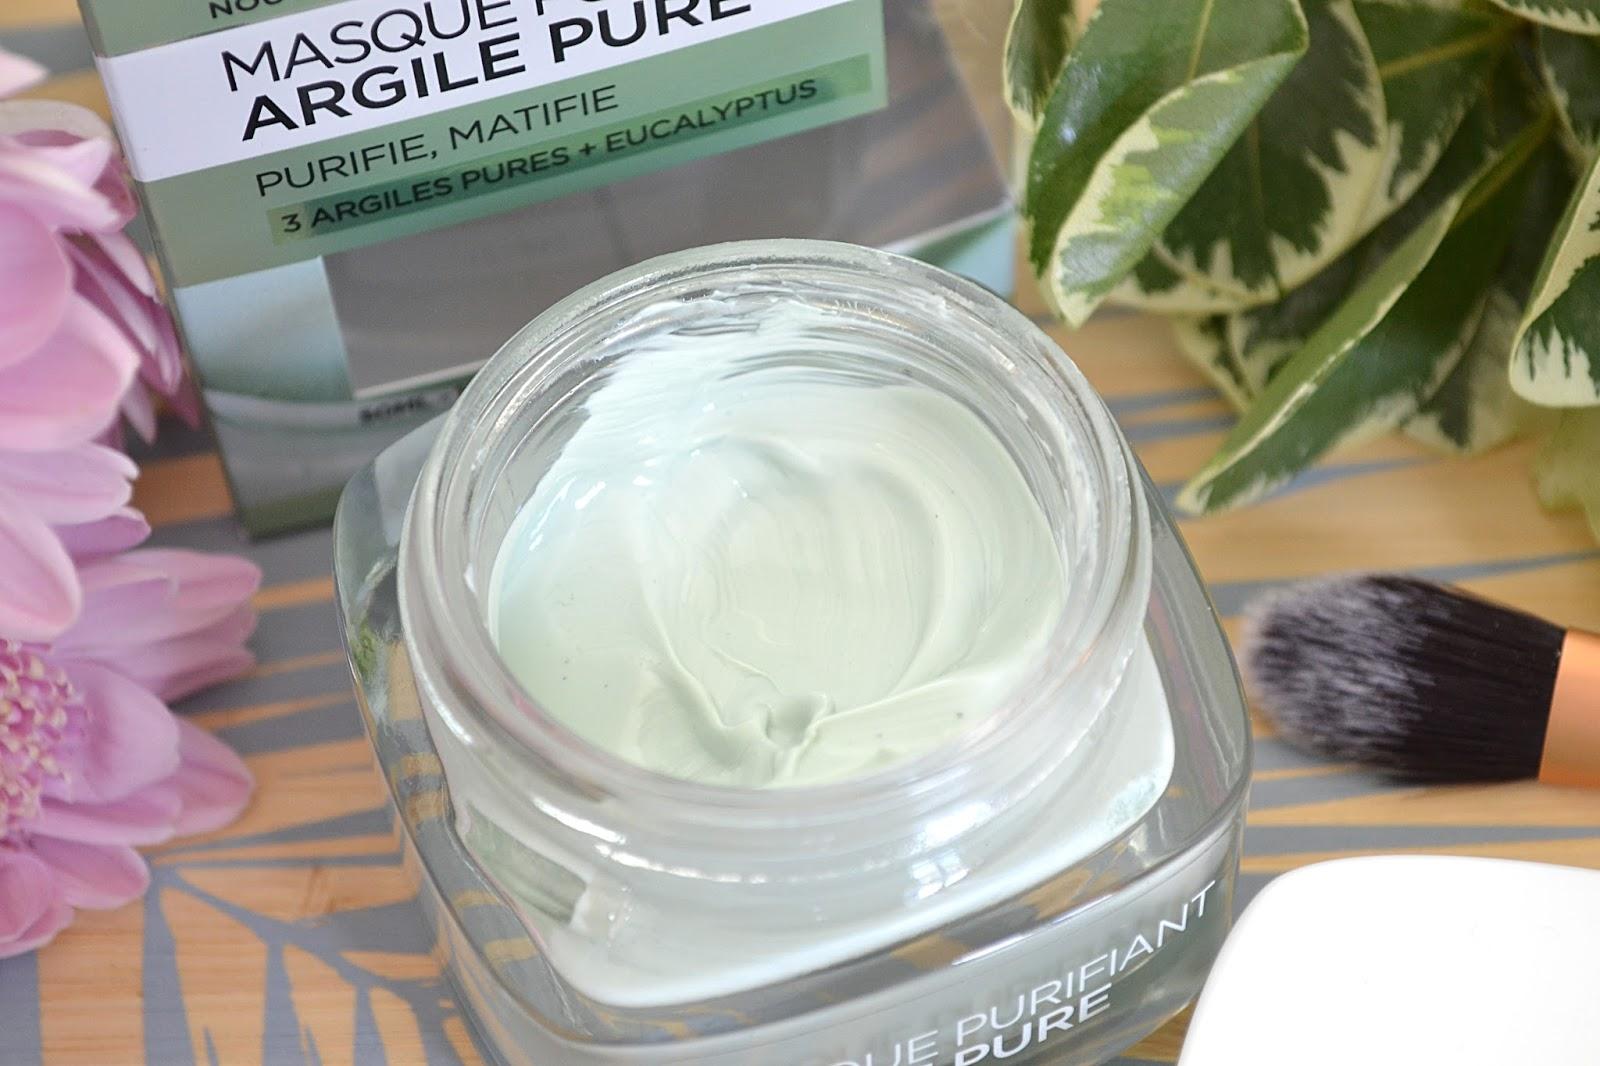 Masque purifiant argile pure de L'Oreal